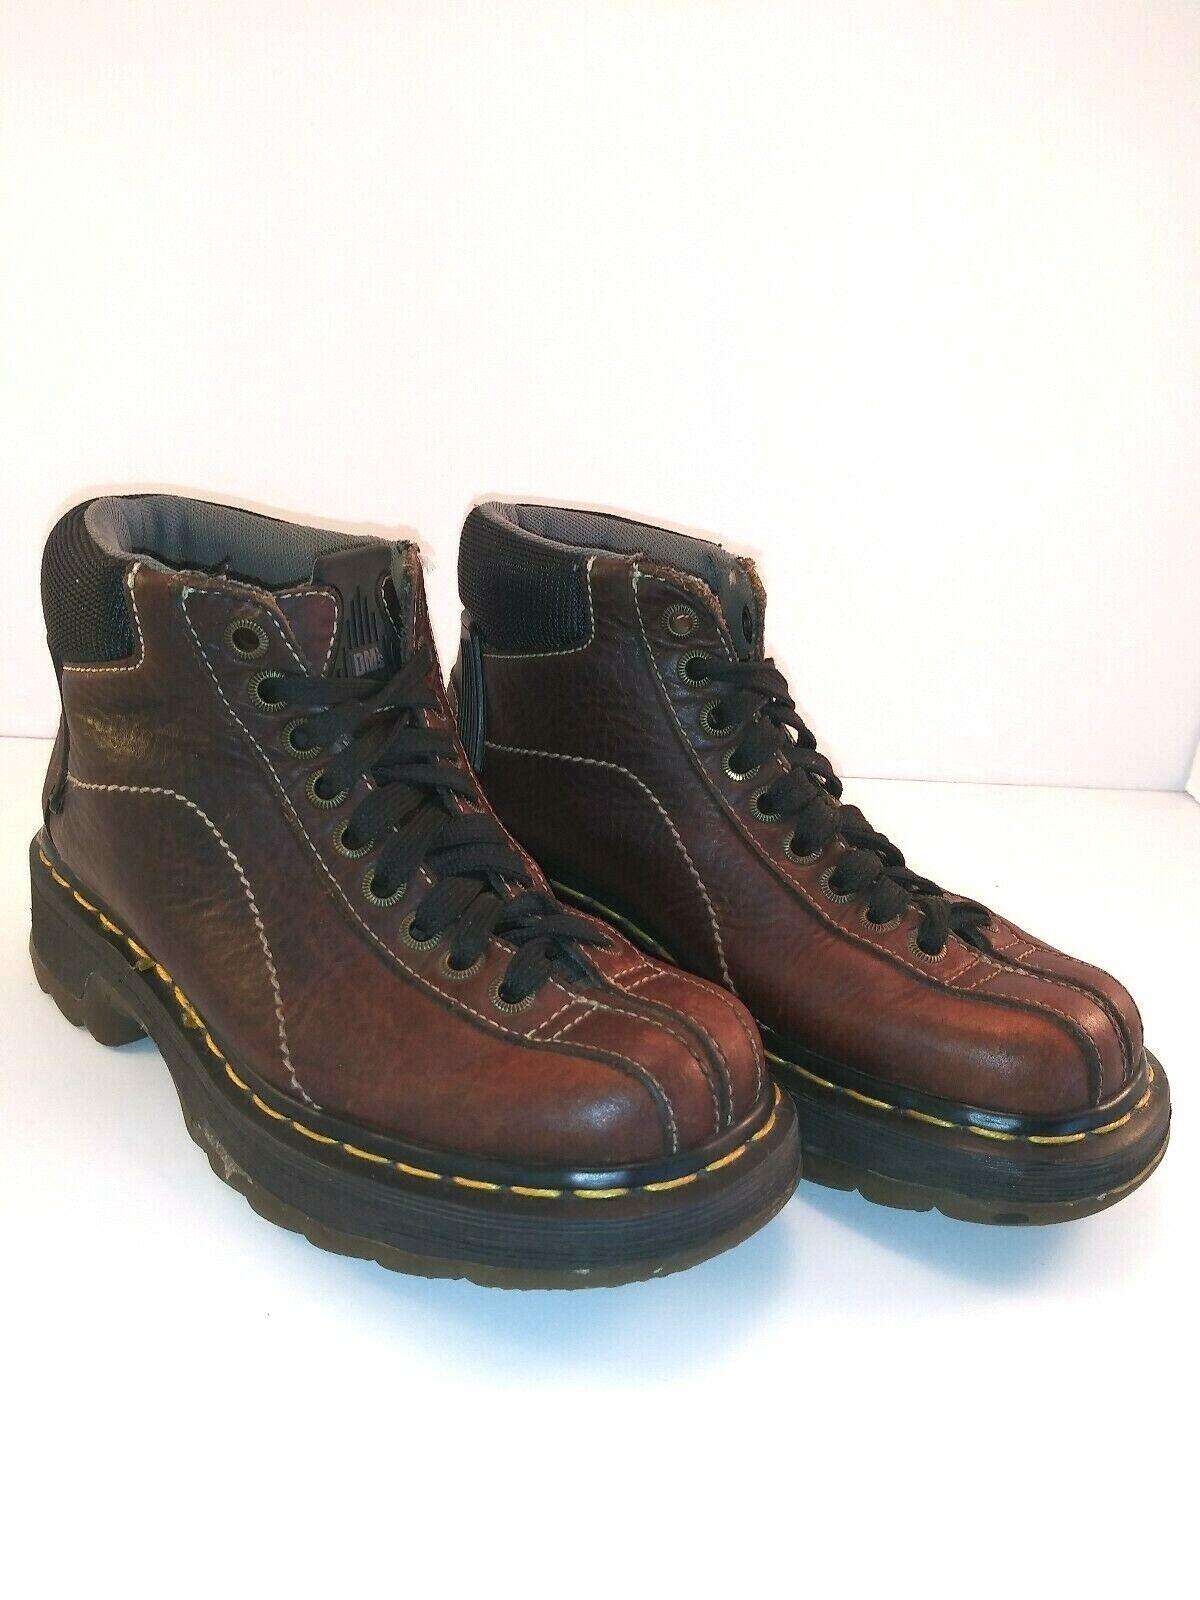 DOC DR MARTEN 9793 Hombre Marrón Cuero botas Vintage dedo del pie división